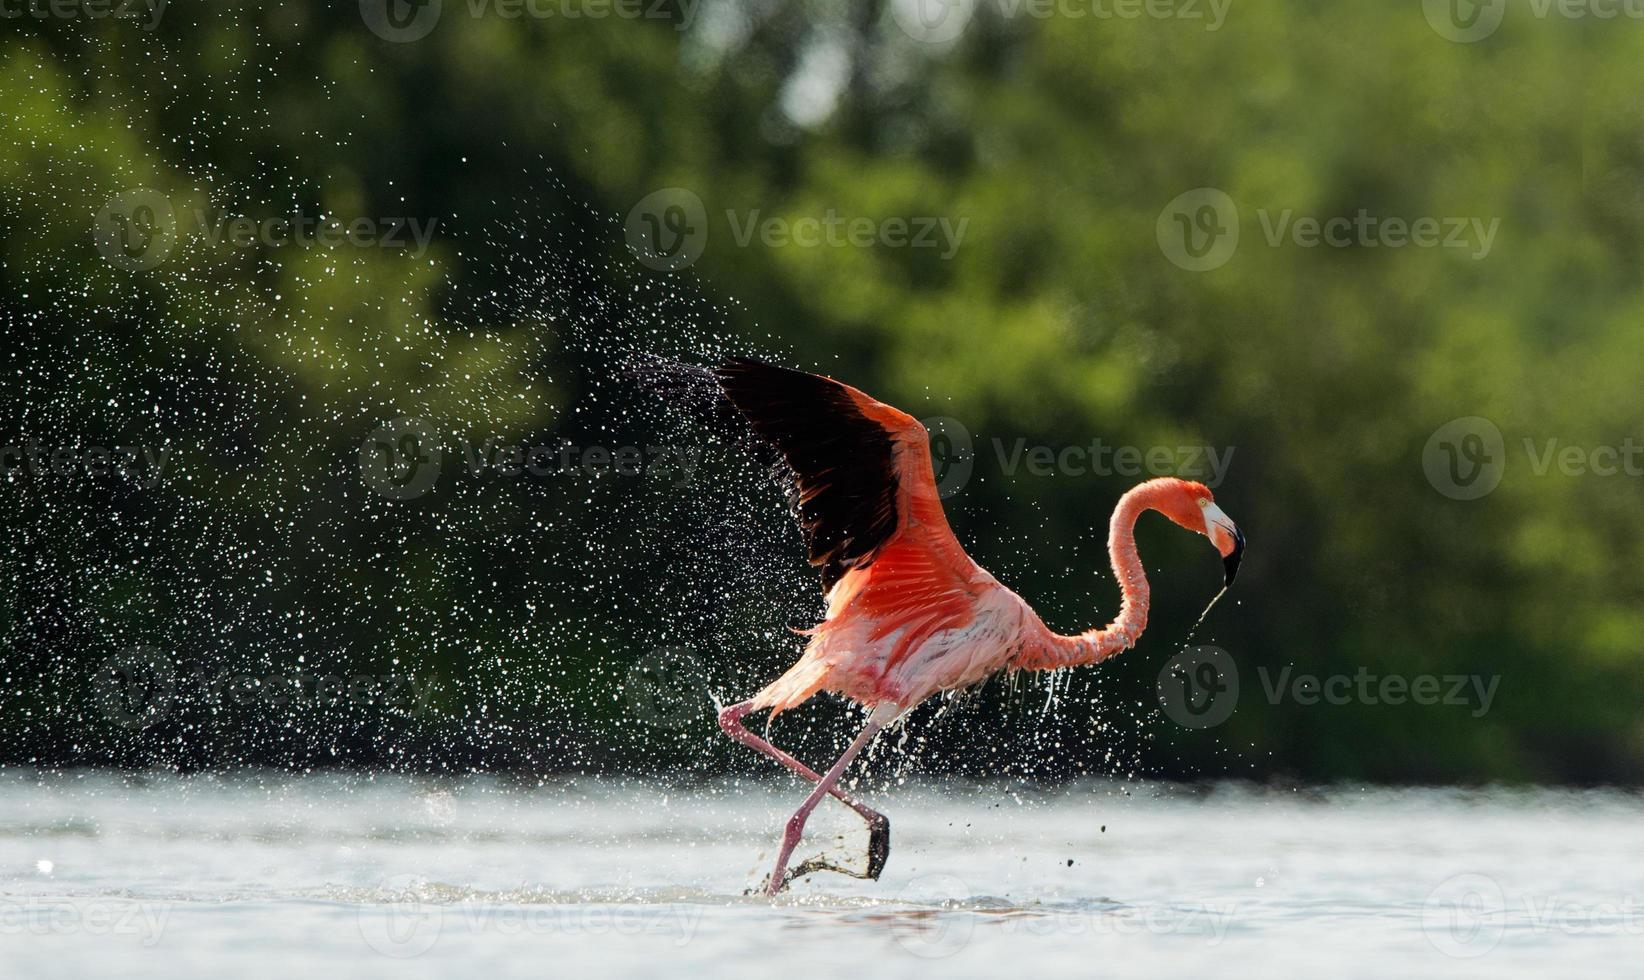 el flamenco corre sobre el agua con salpicaduras foto